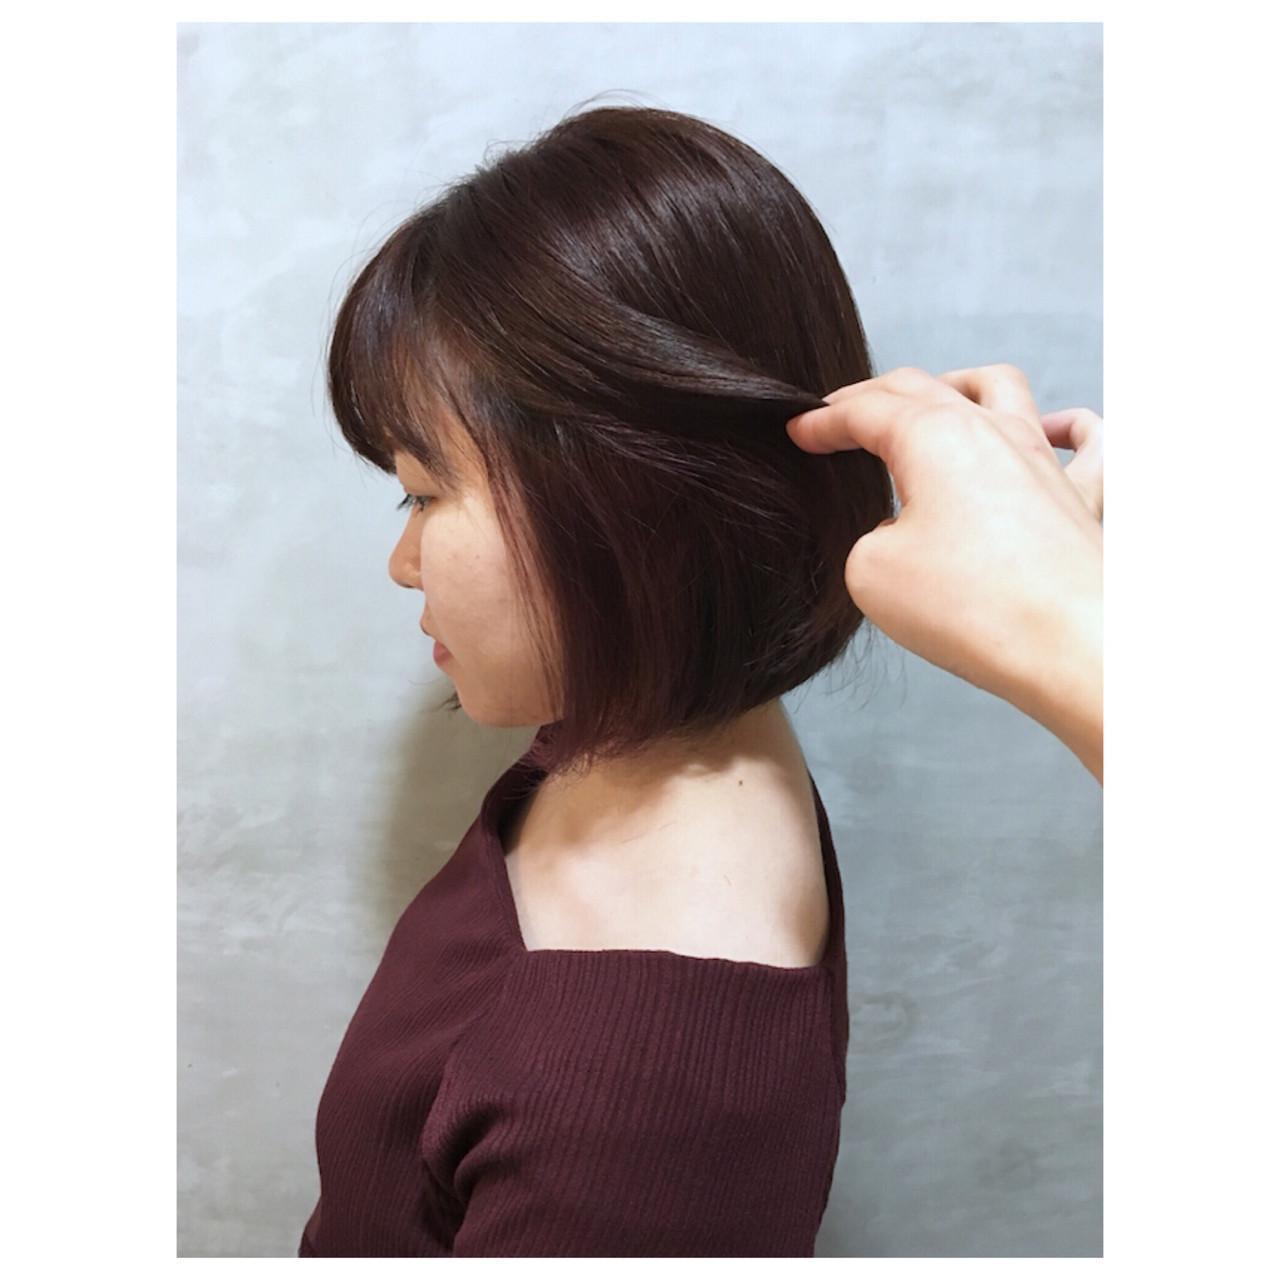 ピンクパープル ピンクバイオレット ピンク インナーカラー ヘアスタイルや髪型の写真・画像 | Yumi Hiramatsu / Sourire Imaizumi【スーリール イマイズミ】